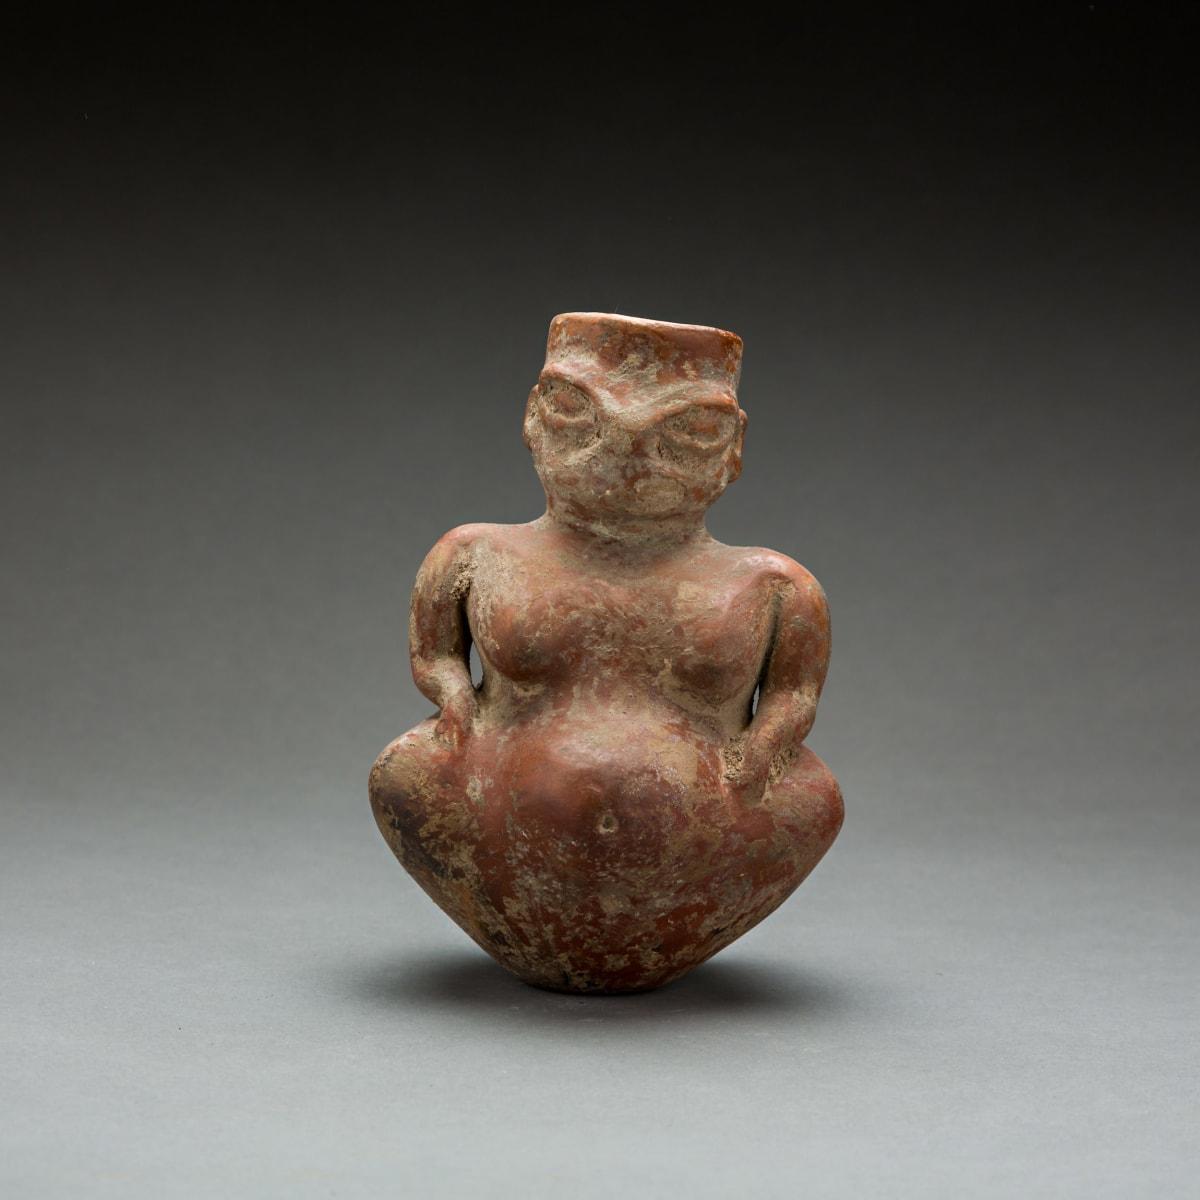 Neolithic Çatalhüyük Terracotta Fertility Goddess, 6000 BCE - 5000 BCE